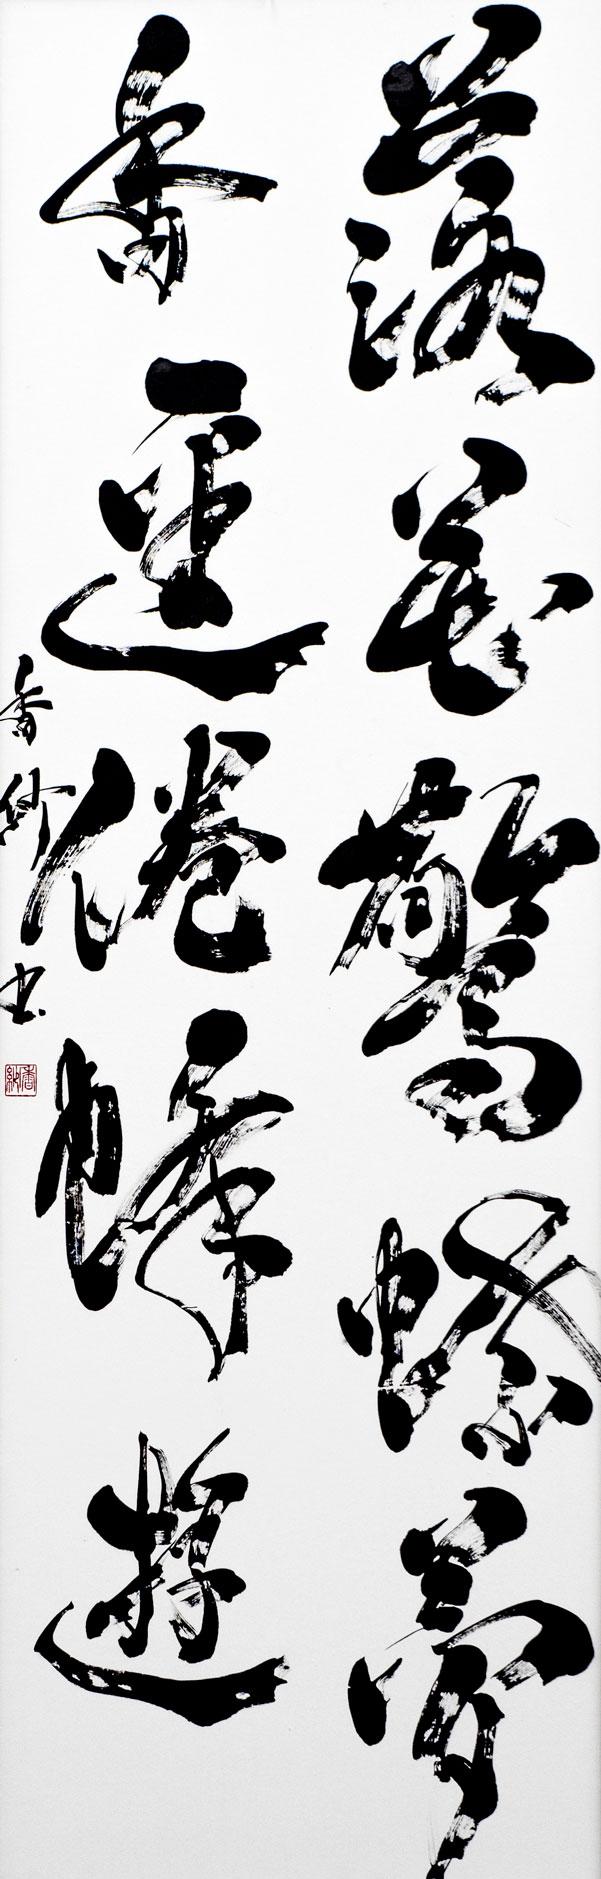 2017-jp-shodo-inspiration-491.jpg